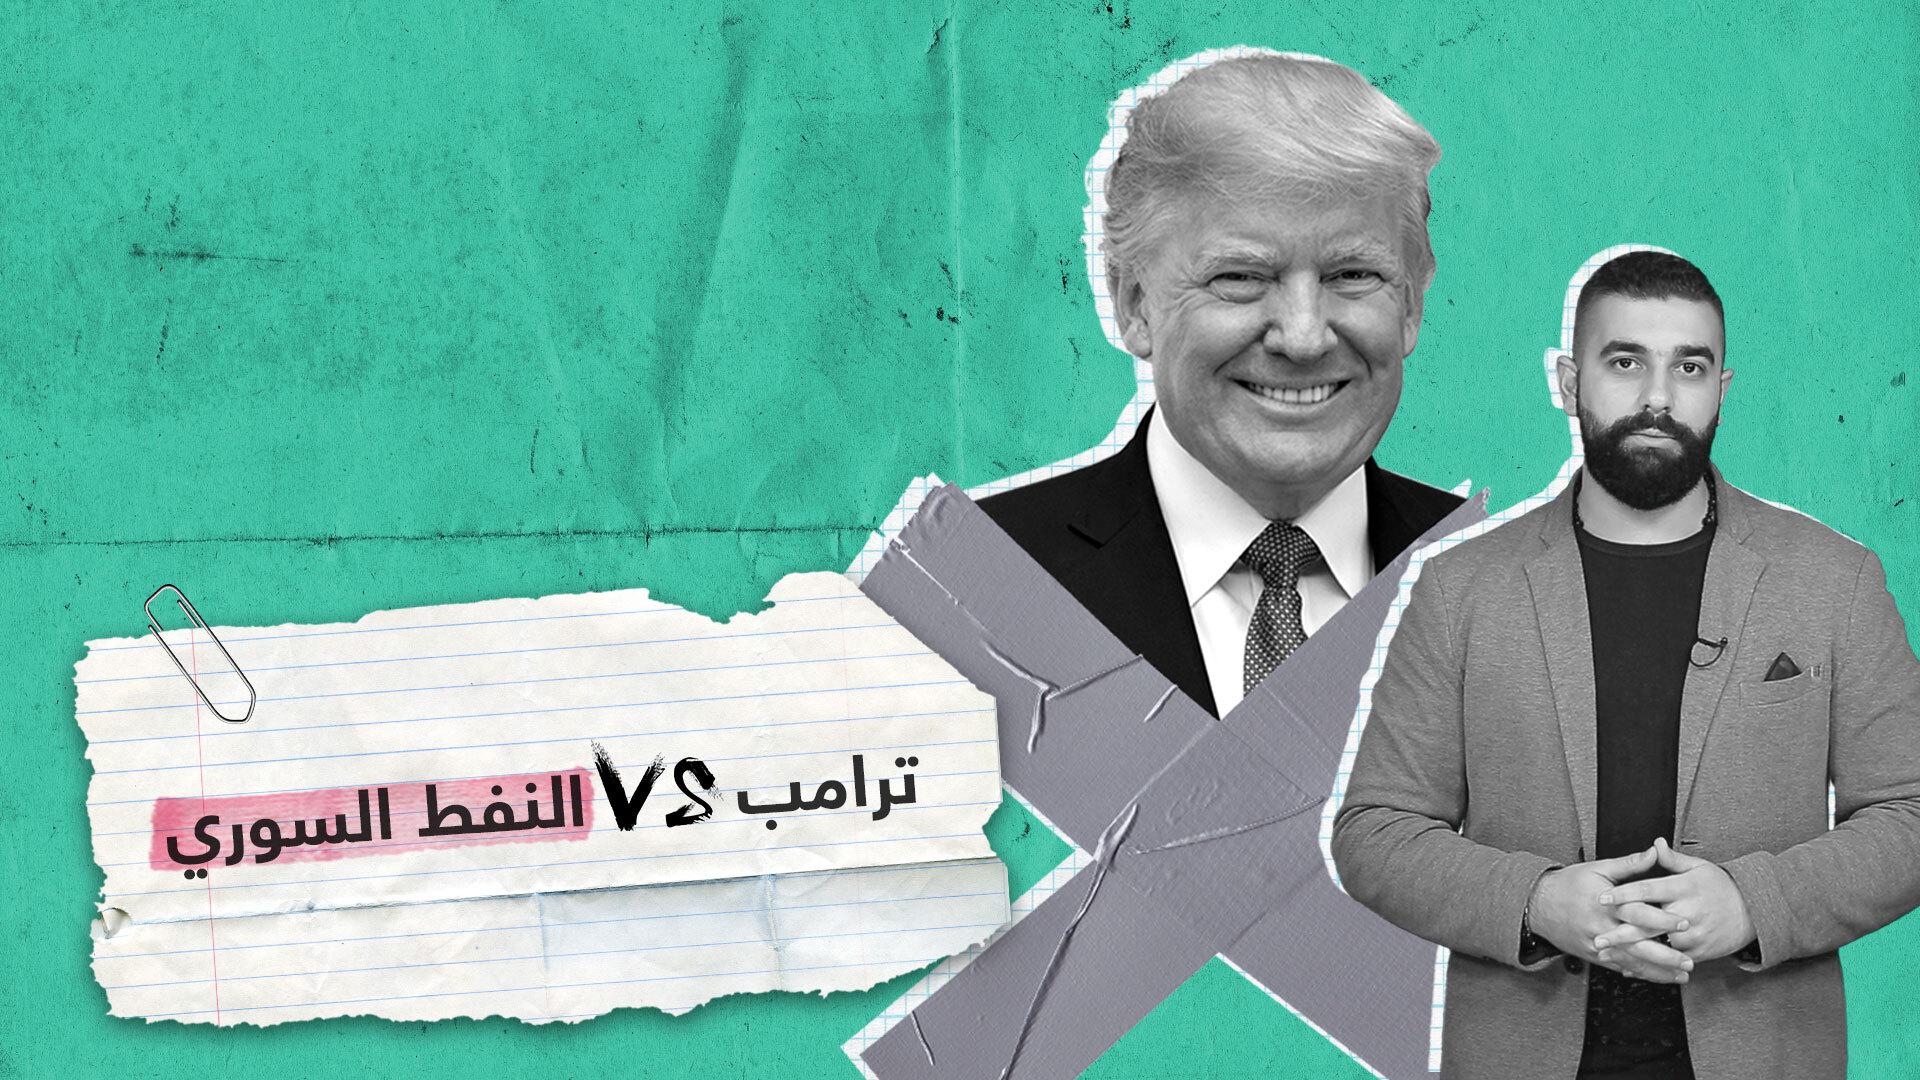 النفط السوري.. لماذا قرر ترامب البقاء في سوريا من أجله؟